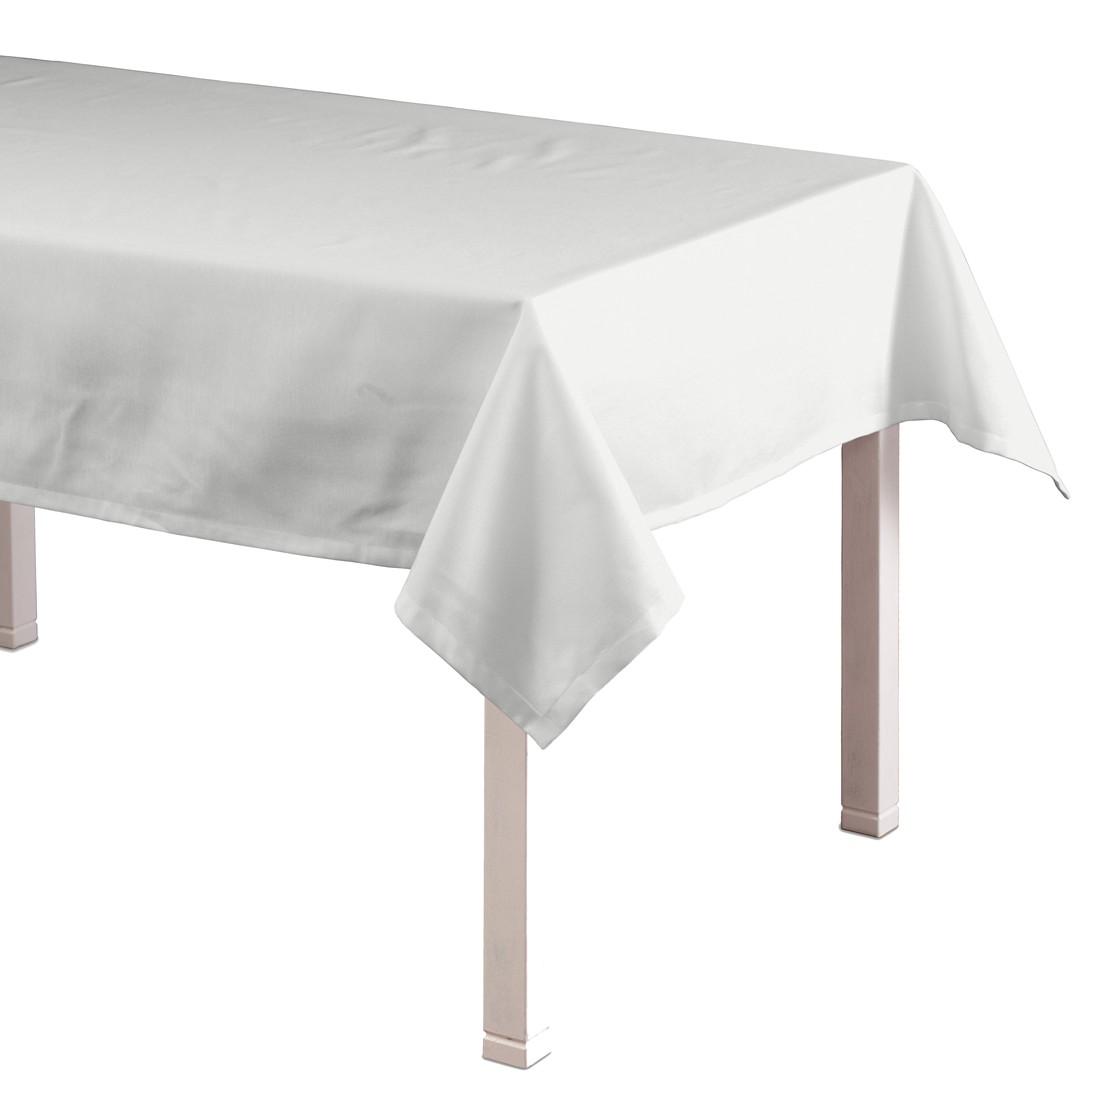 tischdecke wei preisvergleich die besten angebote online kaufen. Black Bedroom Furniture Sets. Home Design Ideas